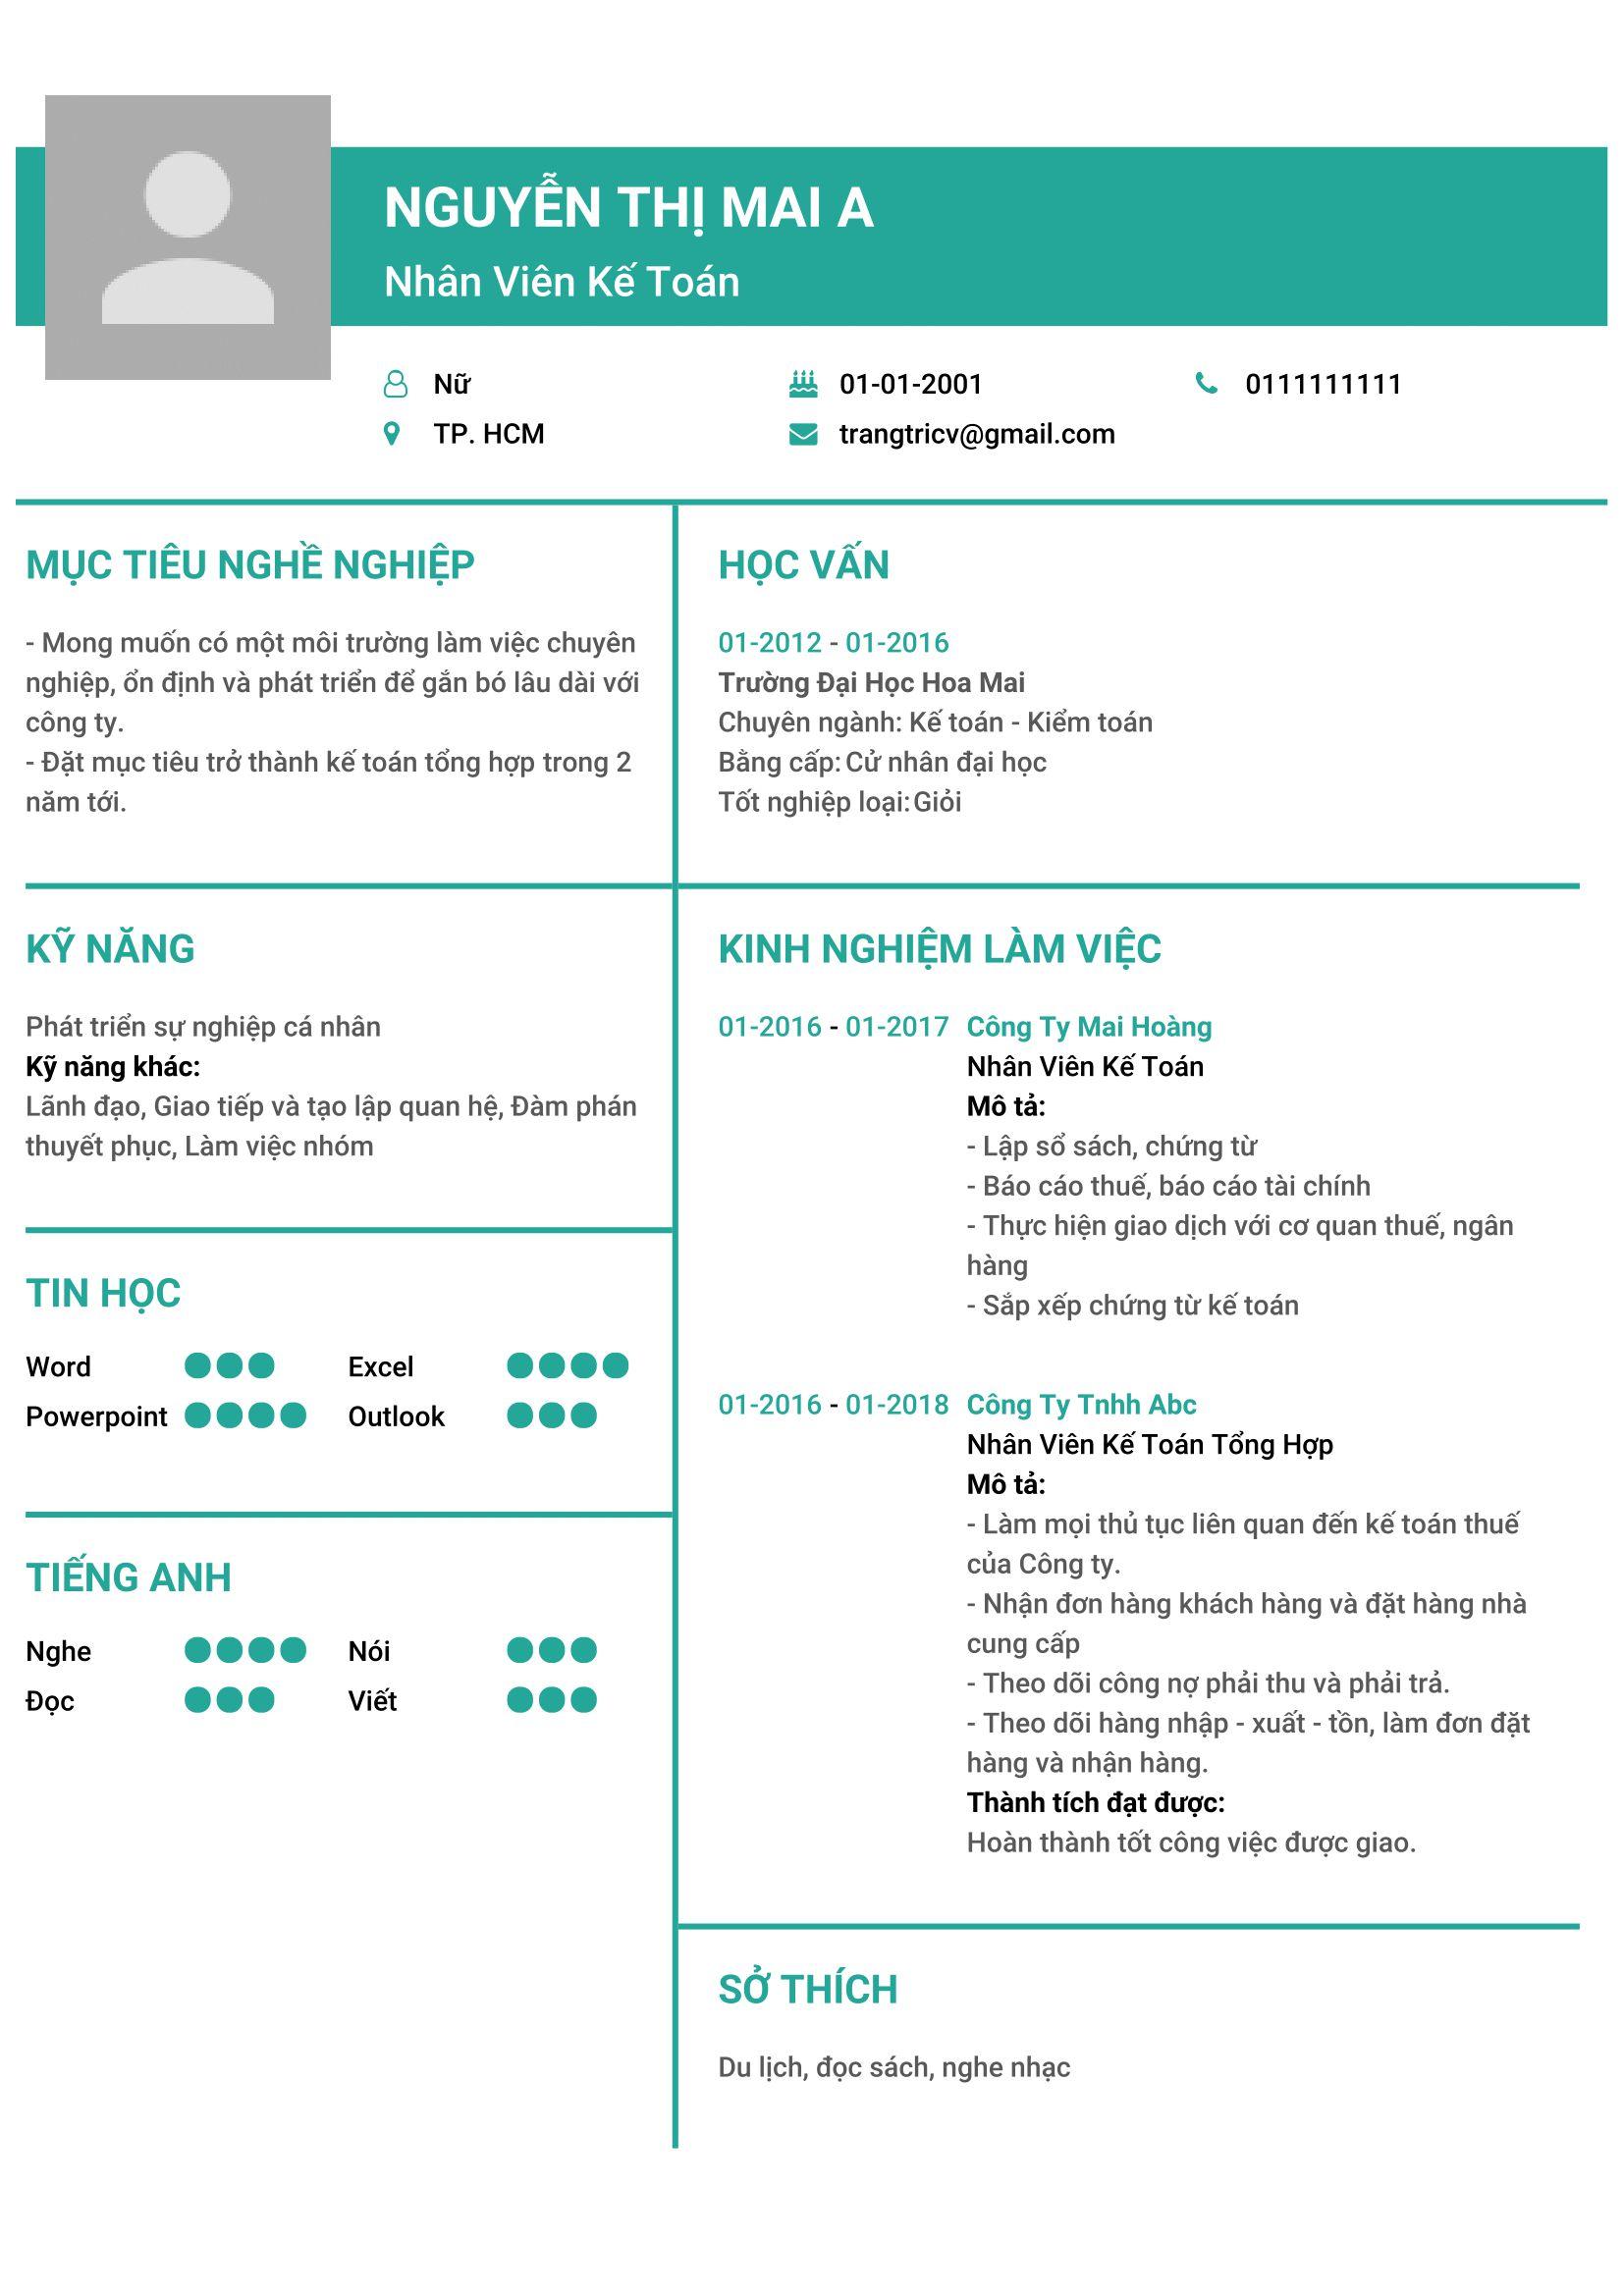 Cách trình bày nội dung và hình thức của một mẫu CV ấn tượng